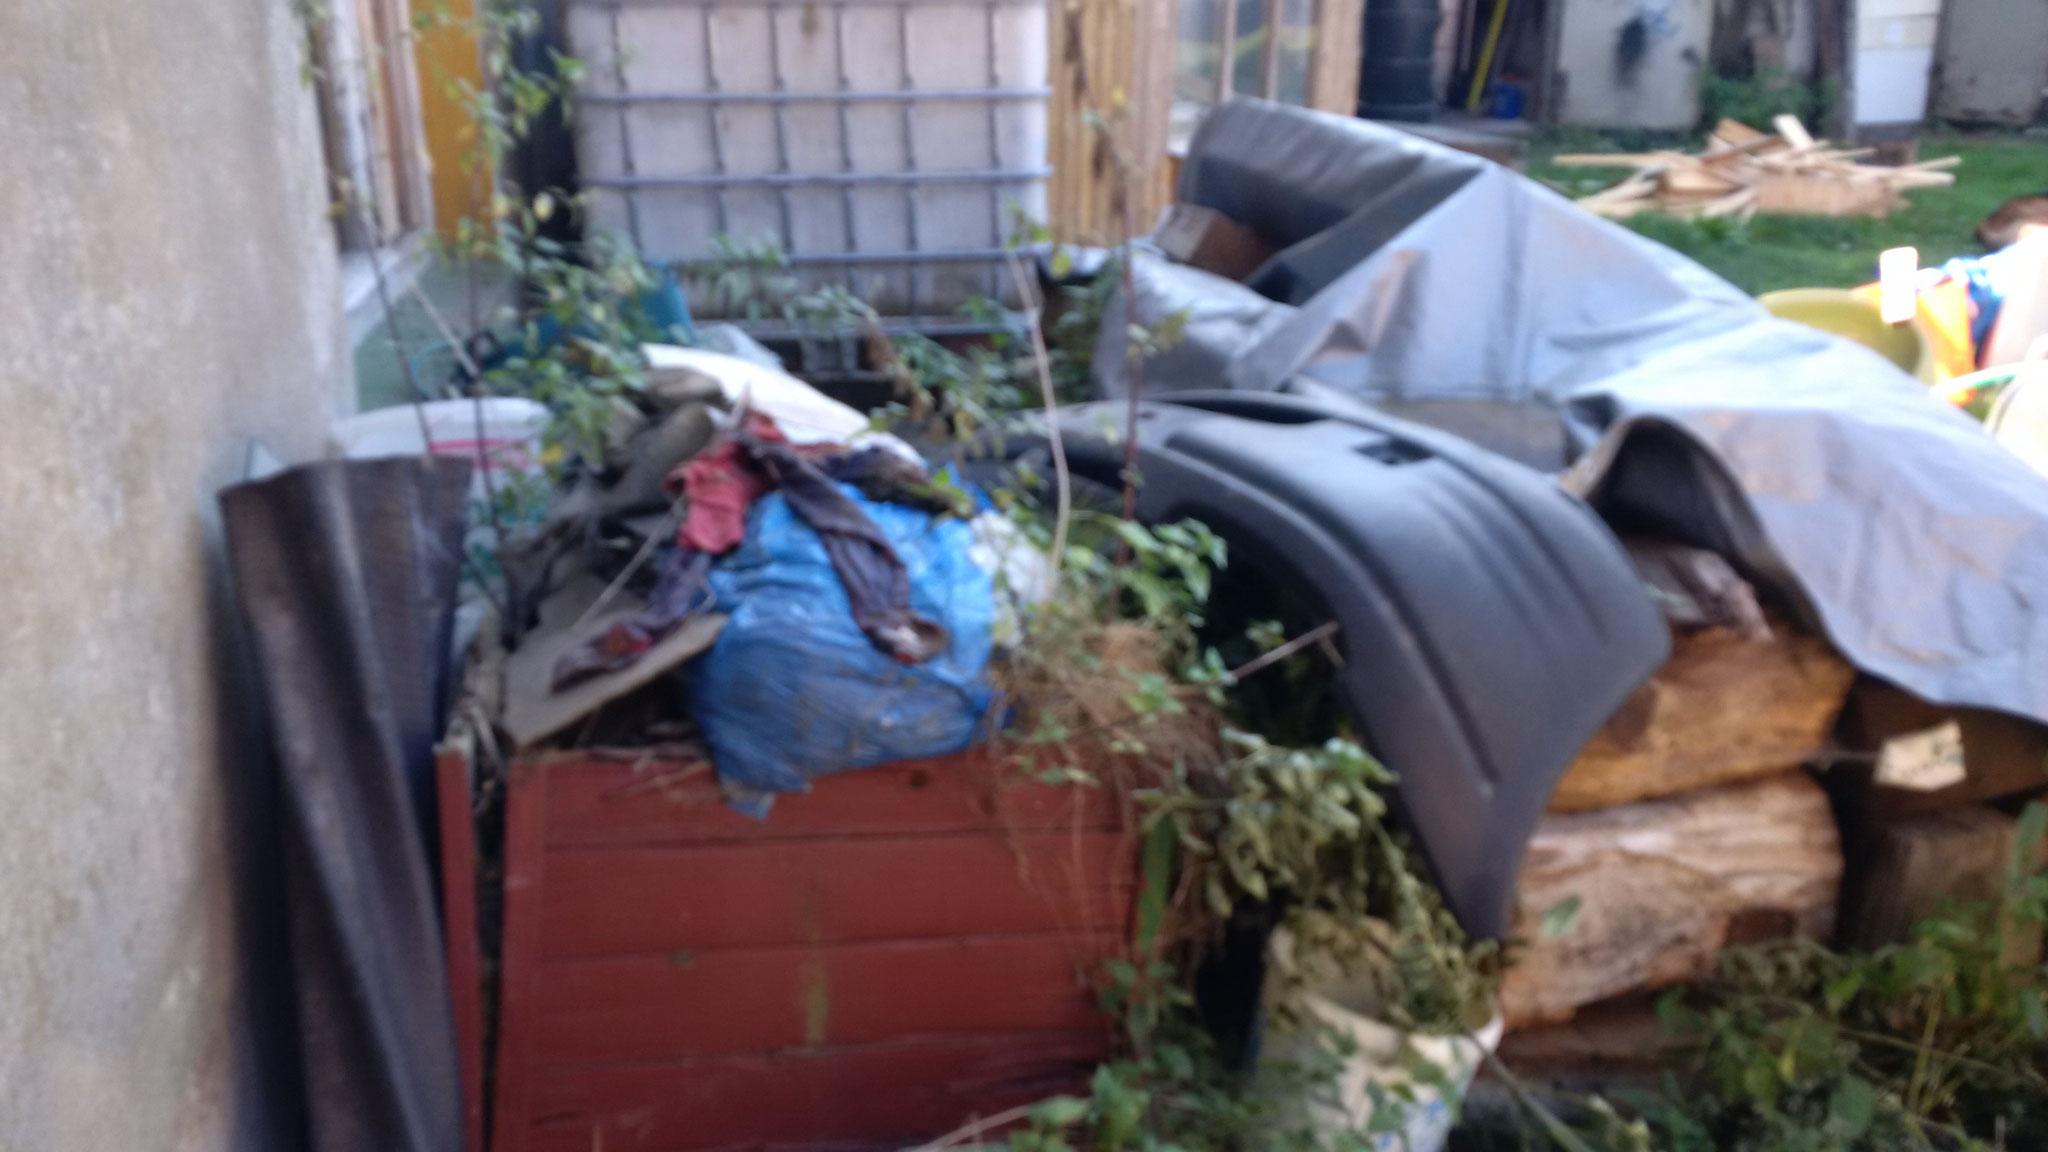 Unter dem Müll hier steht noch eine Badewanne.